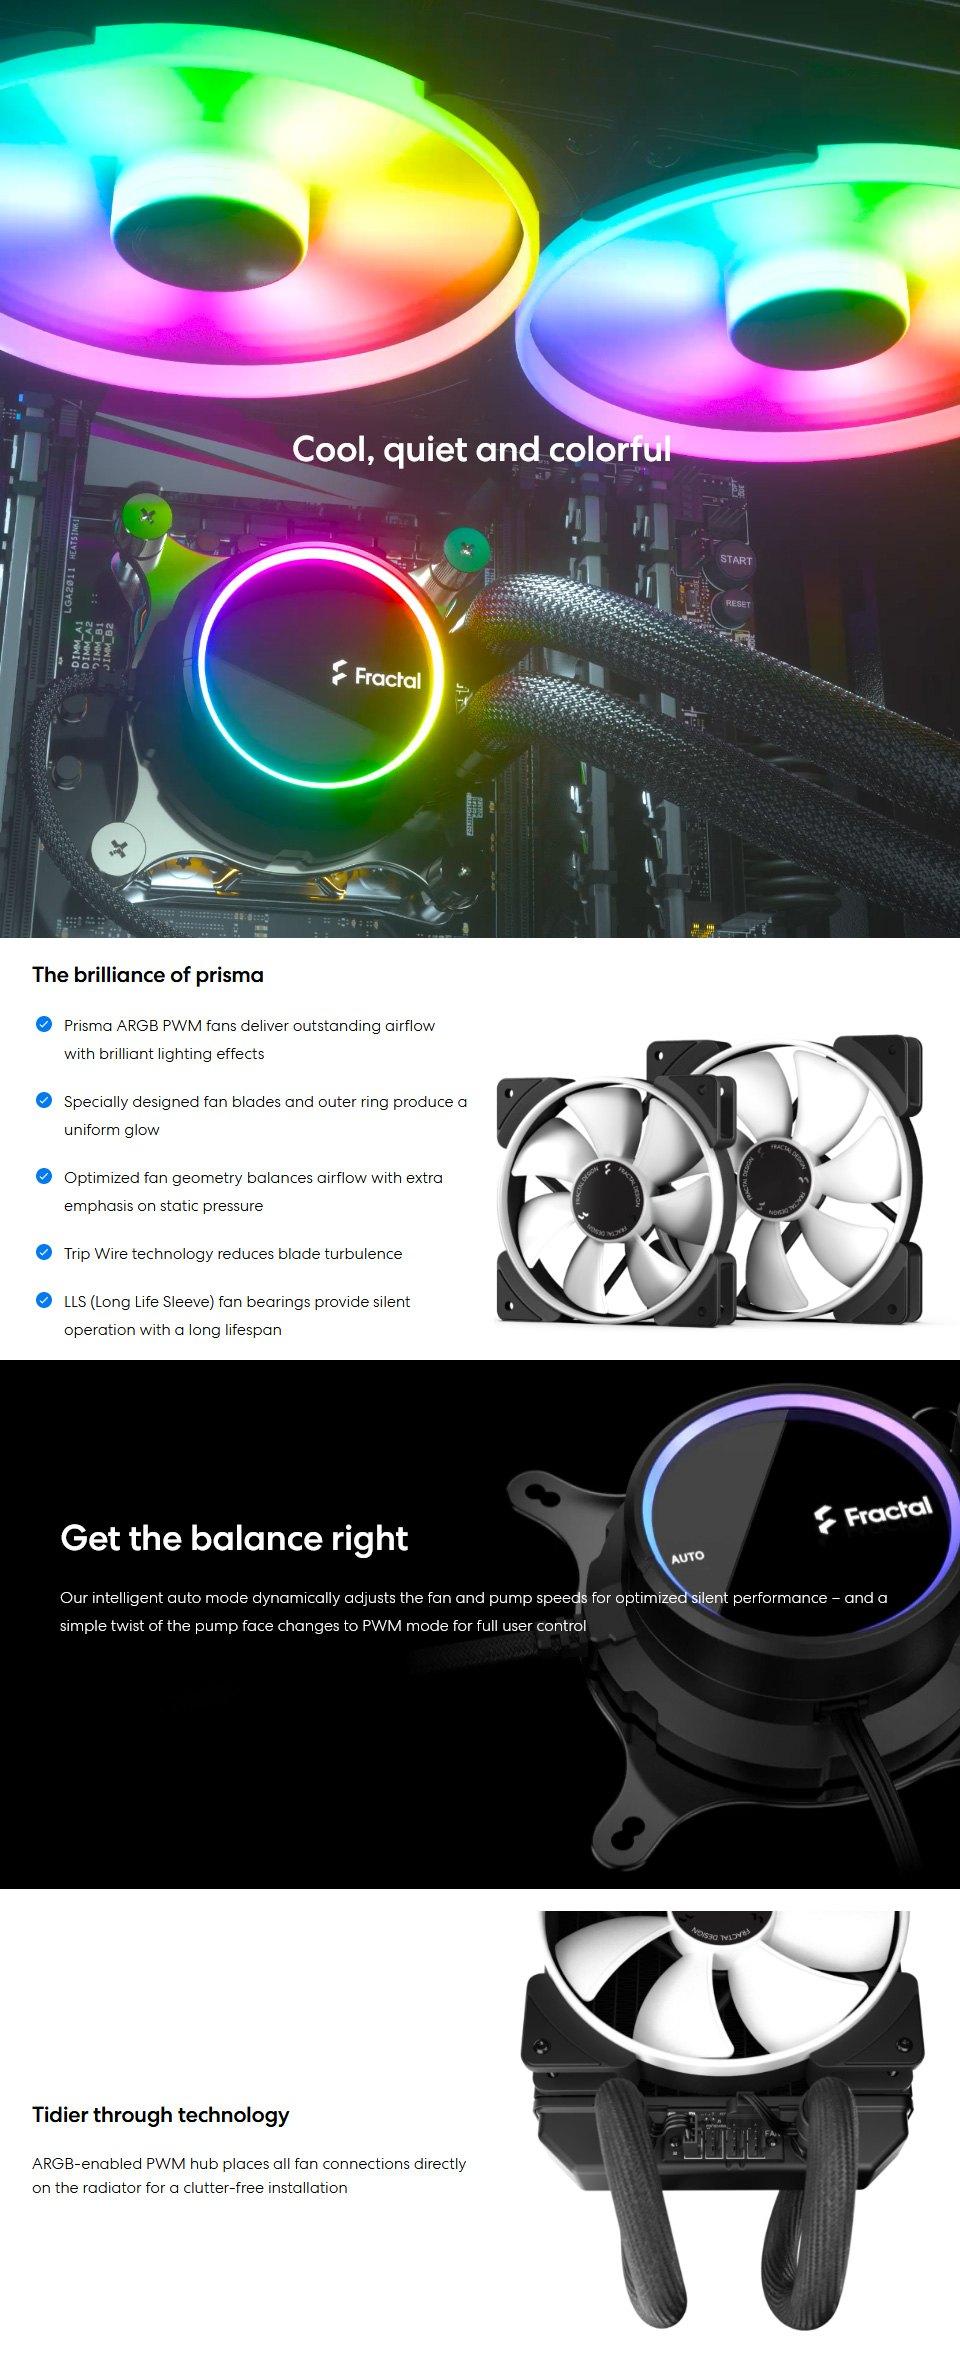 Fractal Design Celsius+ S28 Prisma 280mm Liquid CPU Cooler features